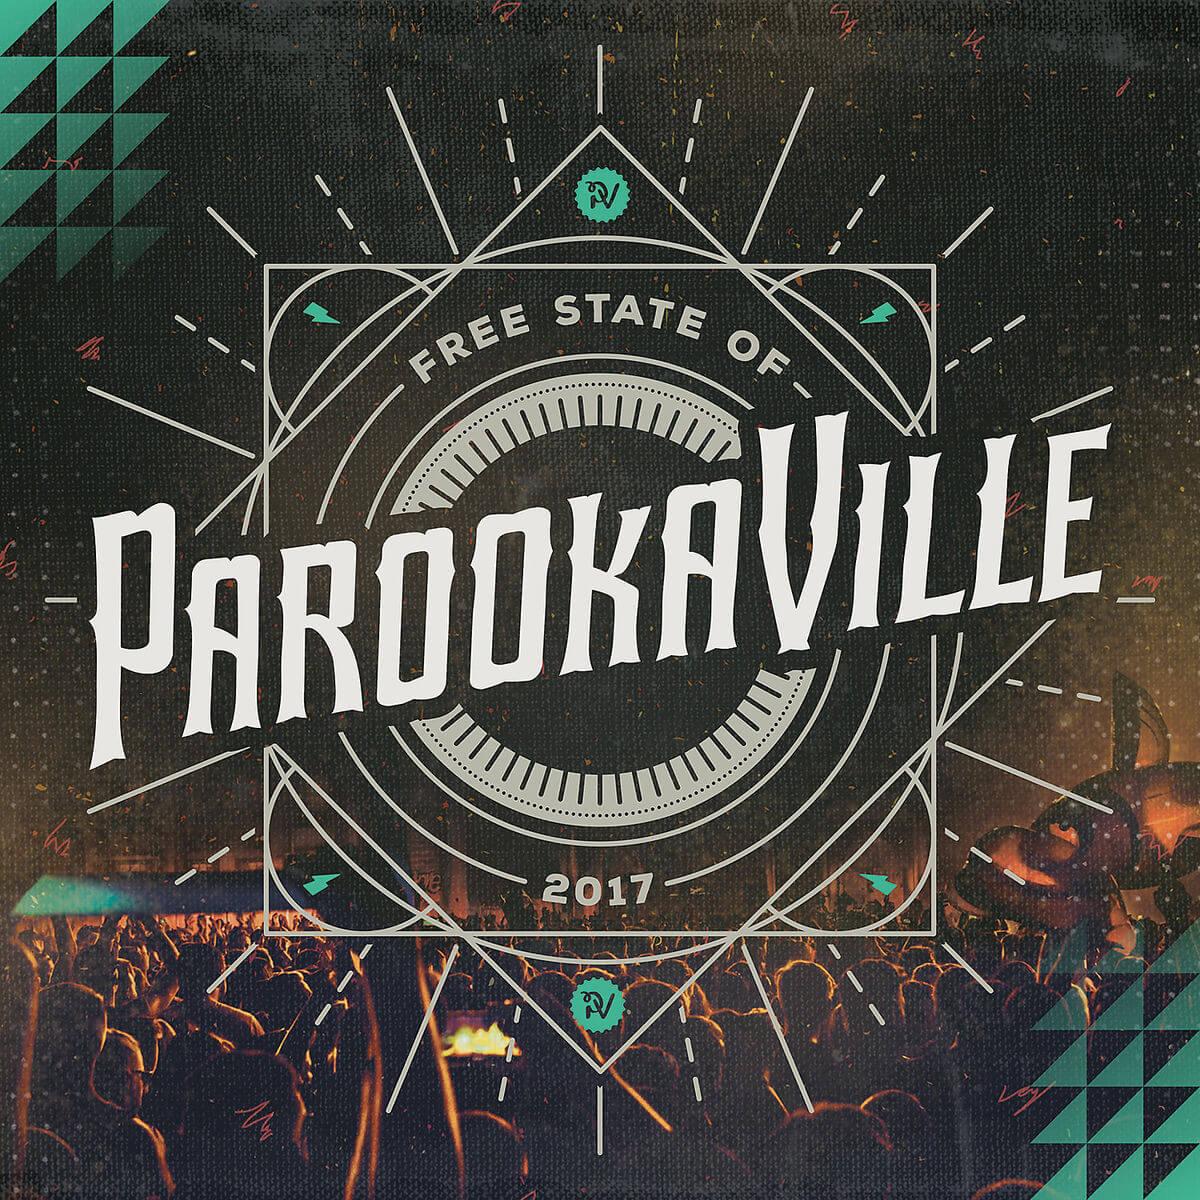 Parookaville 2017 von Various - CD jetzt im ParookaVille Shop